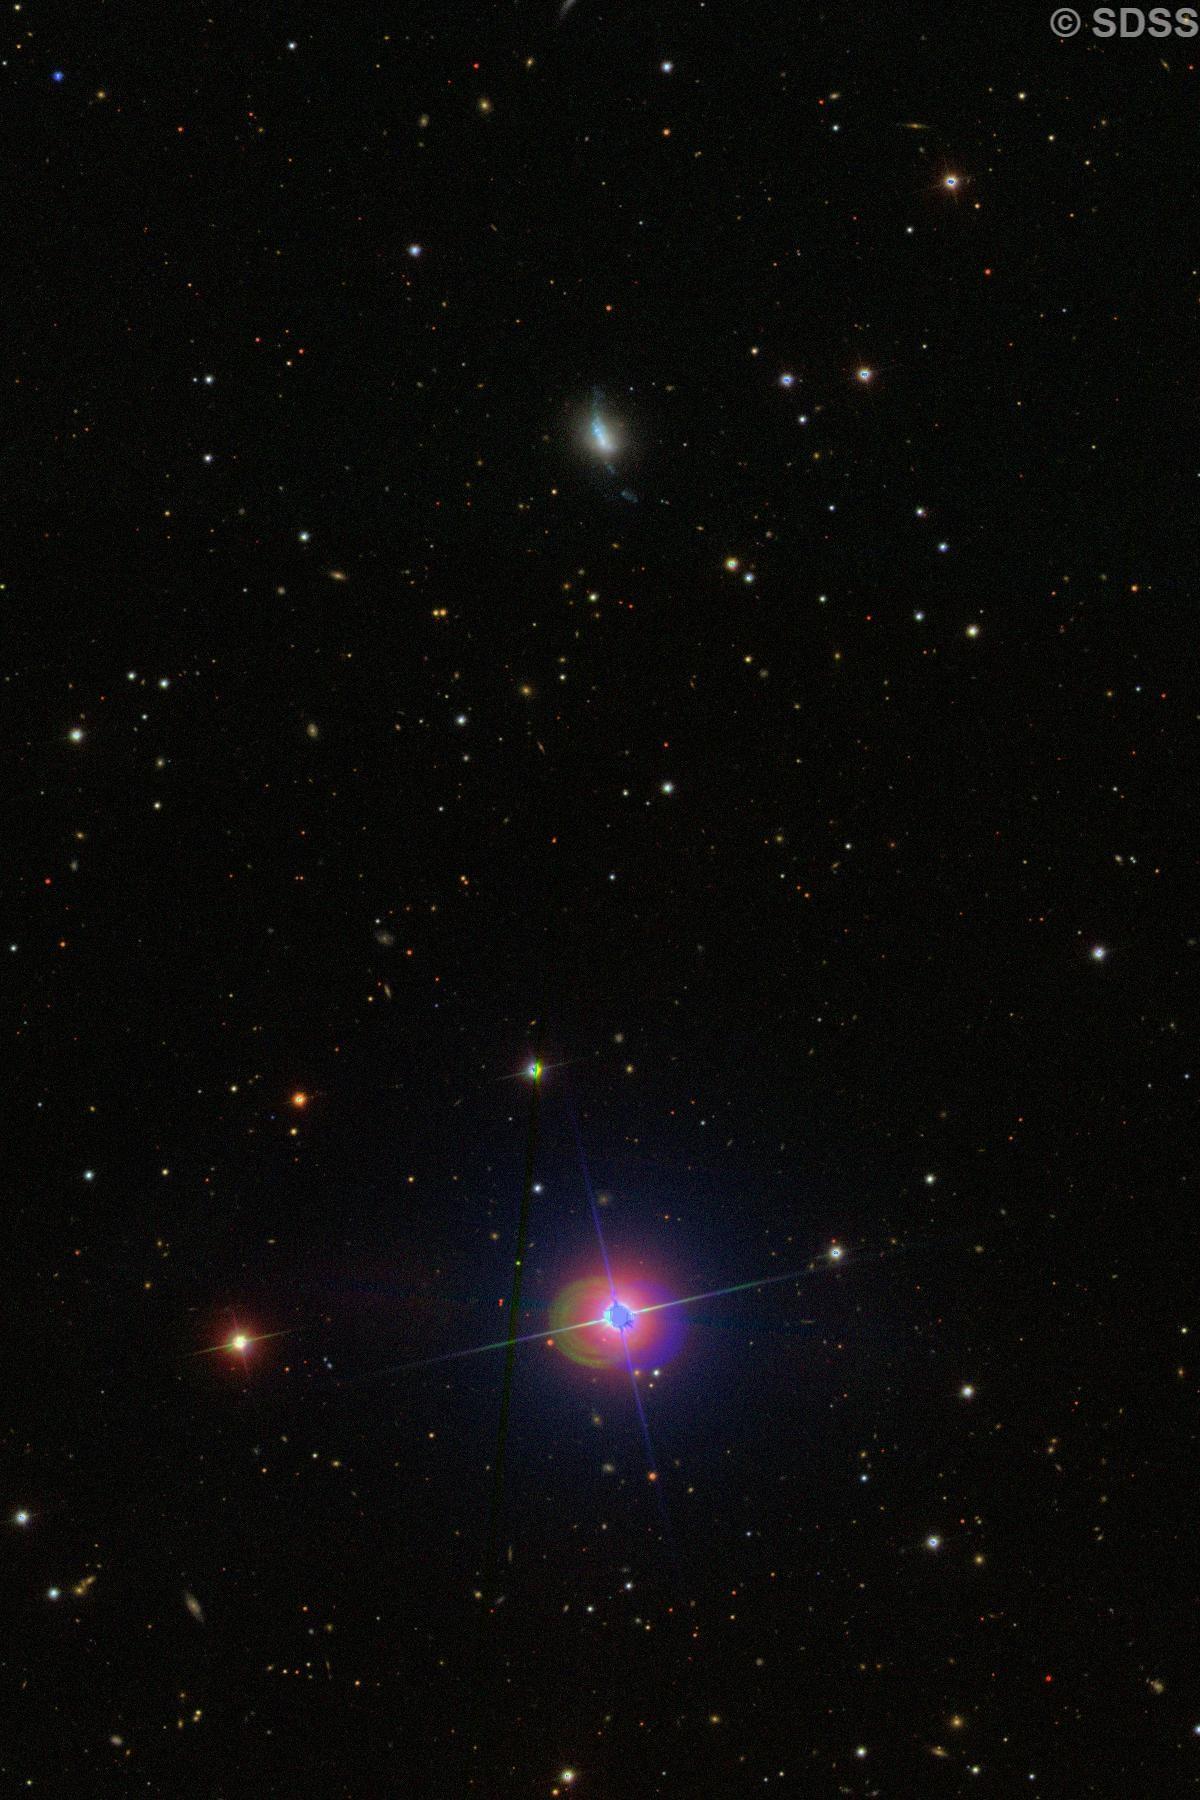 NGC 7468